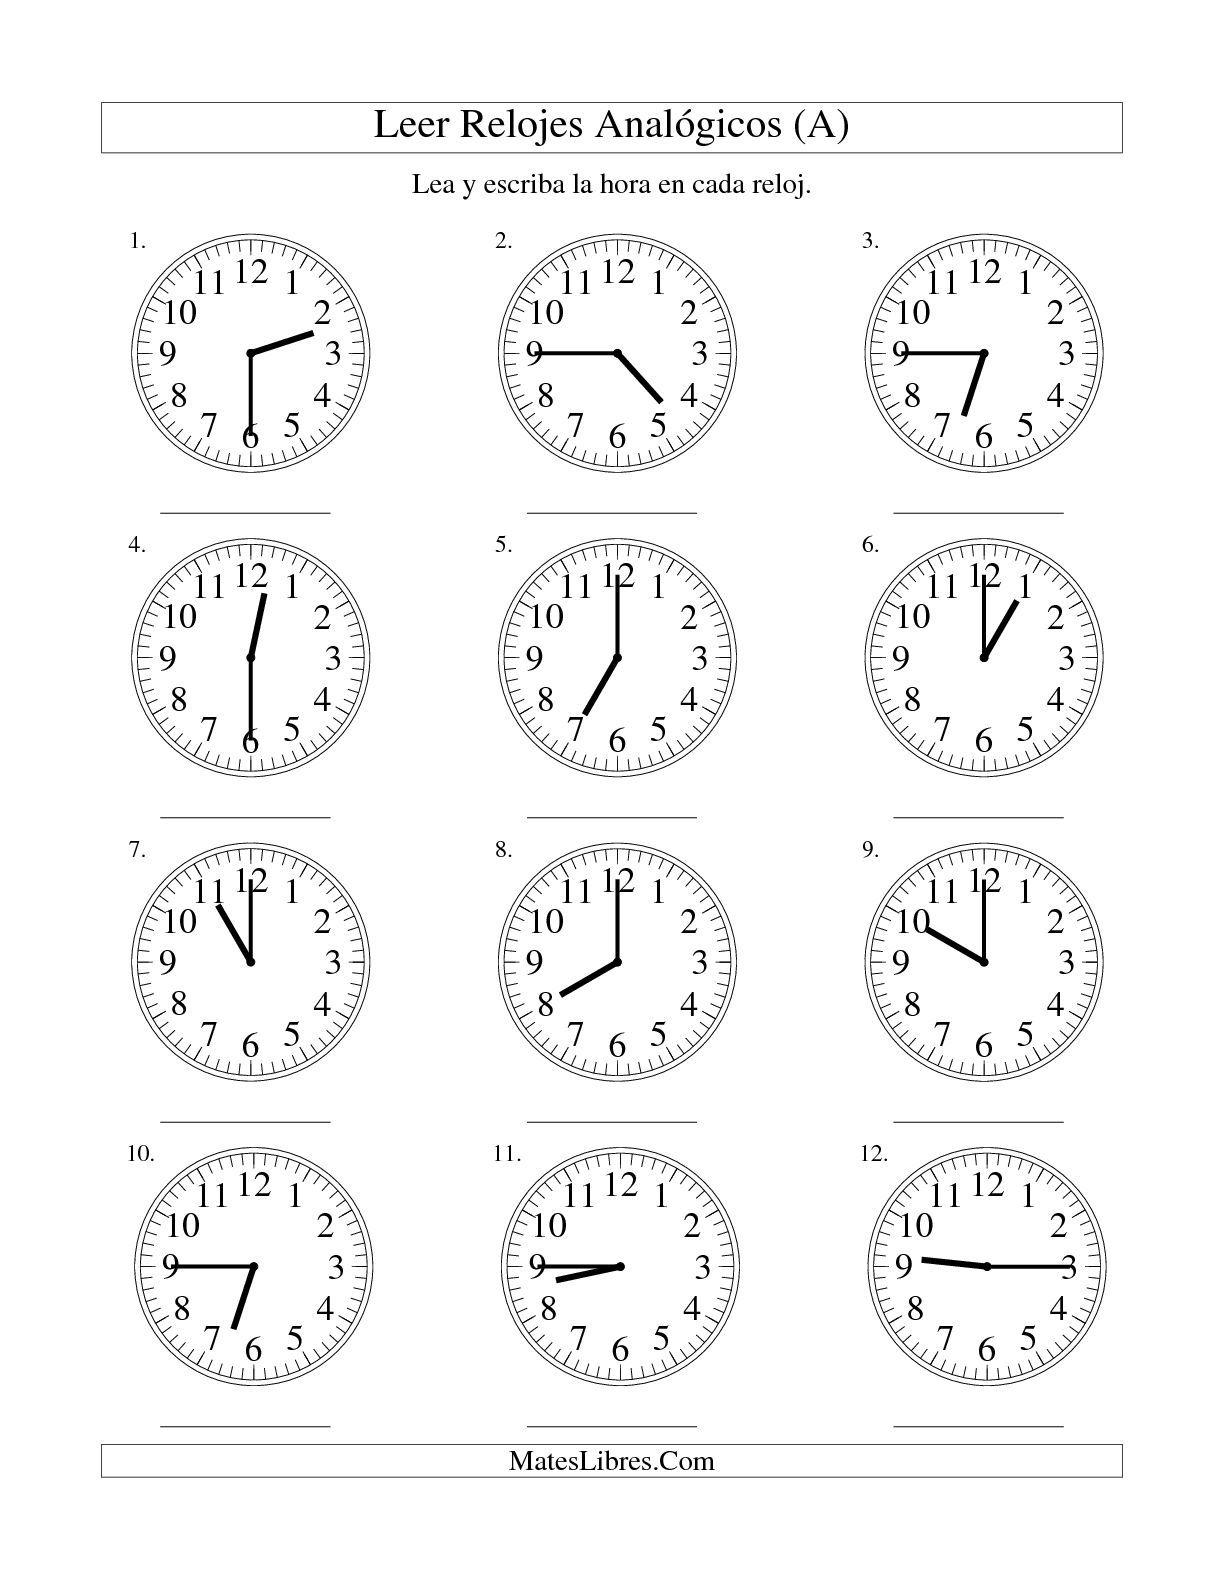 La Leer La Hora En Un Relojogico En Intervalos De 15